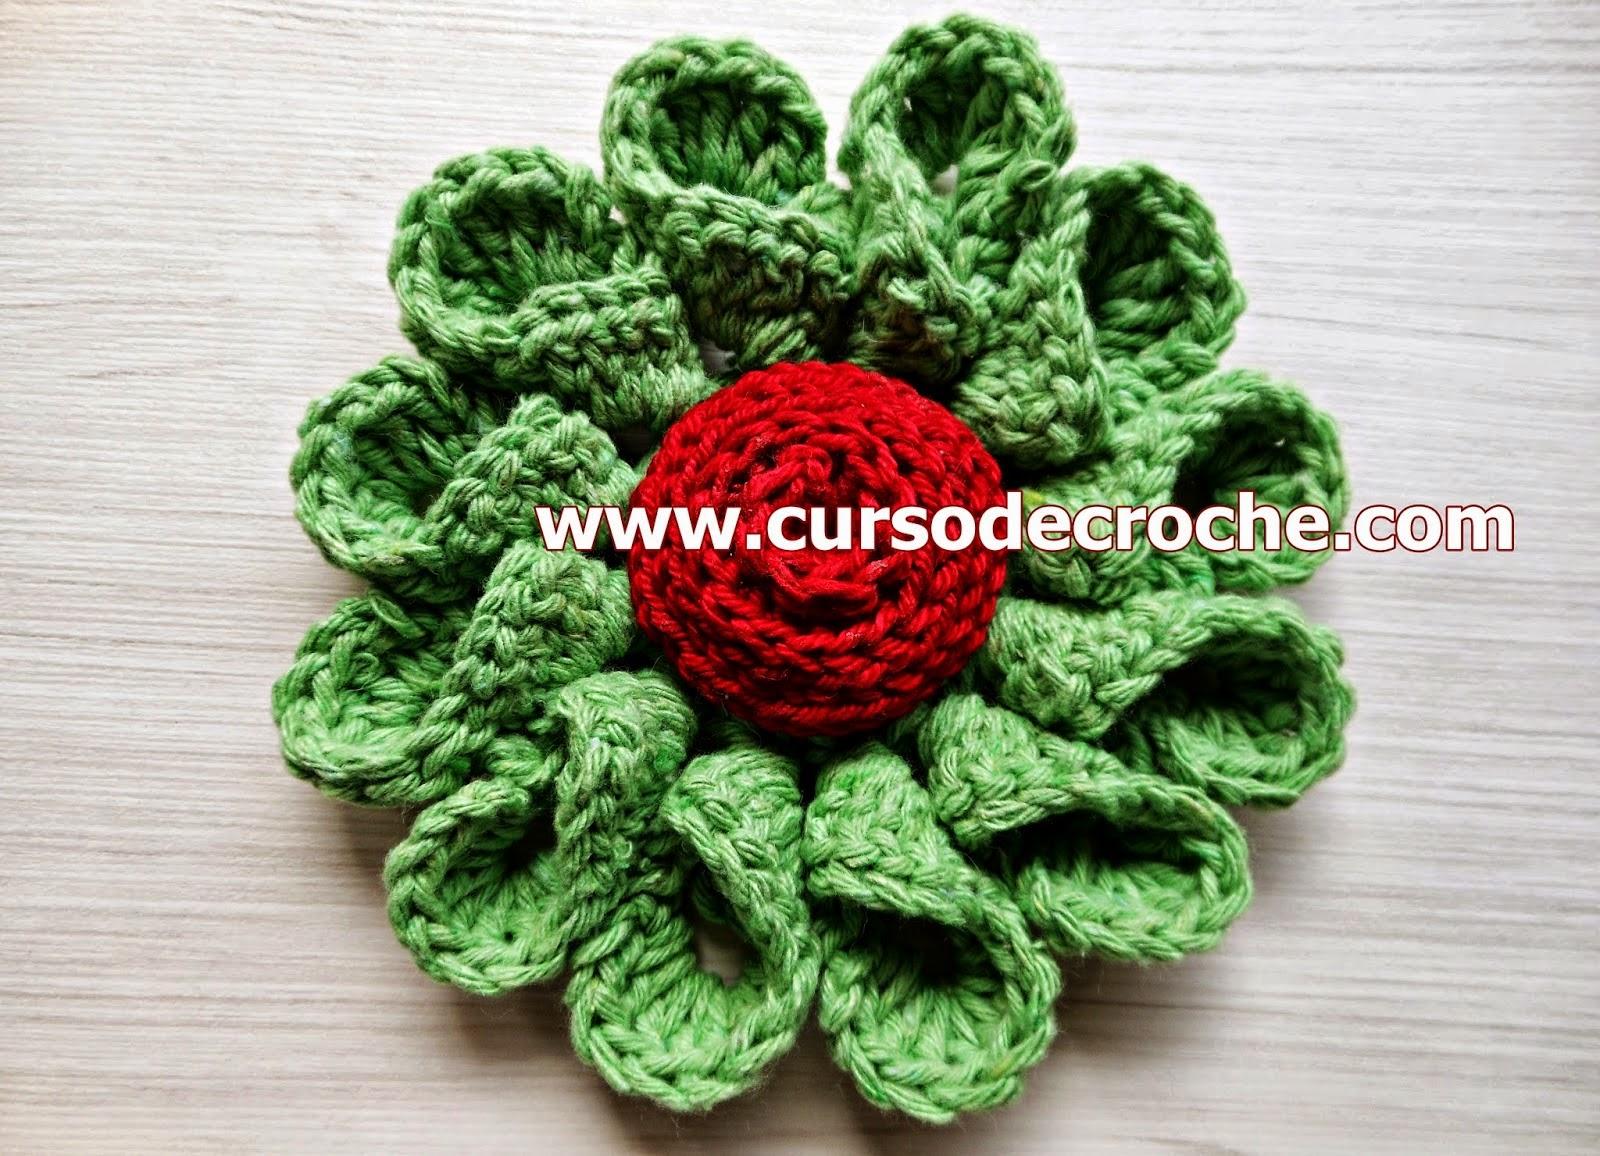 dvd flores em croche 5 volumes com Edinir-Croche na loja curso de croche com frete gratis